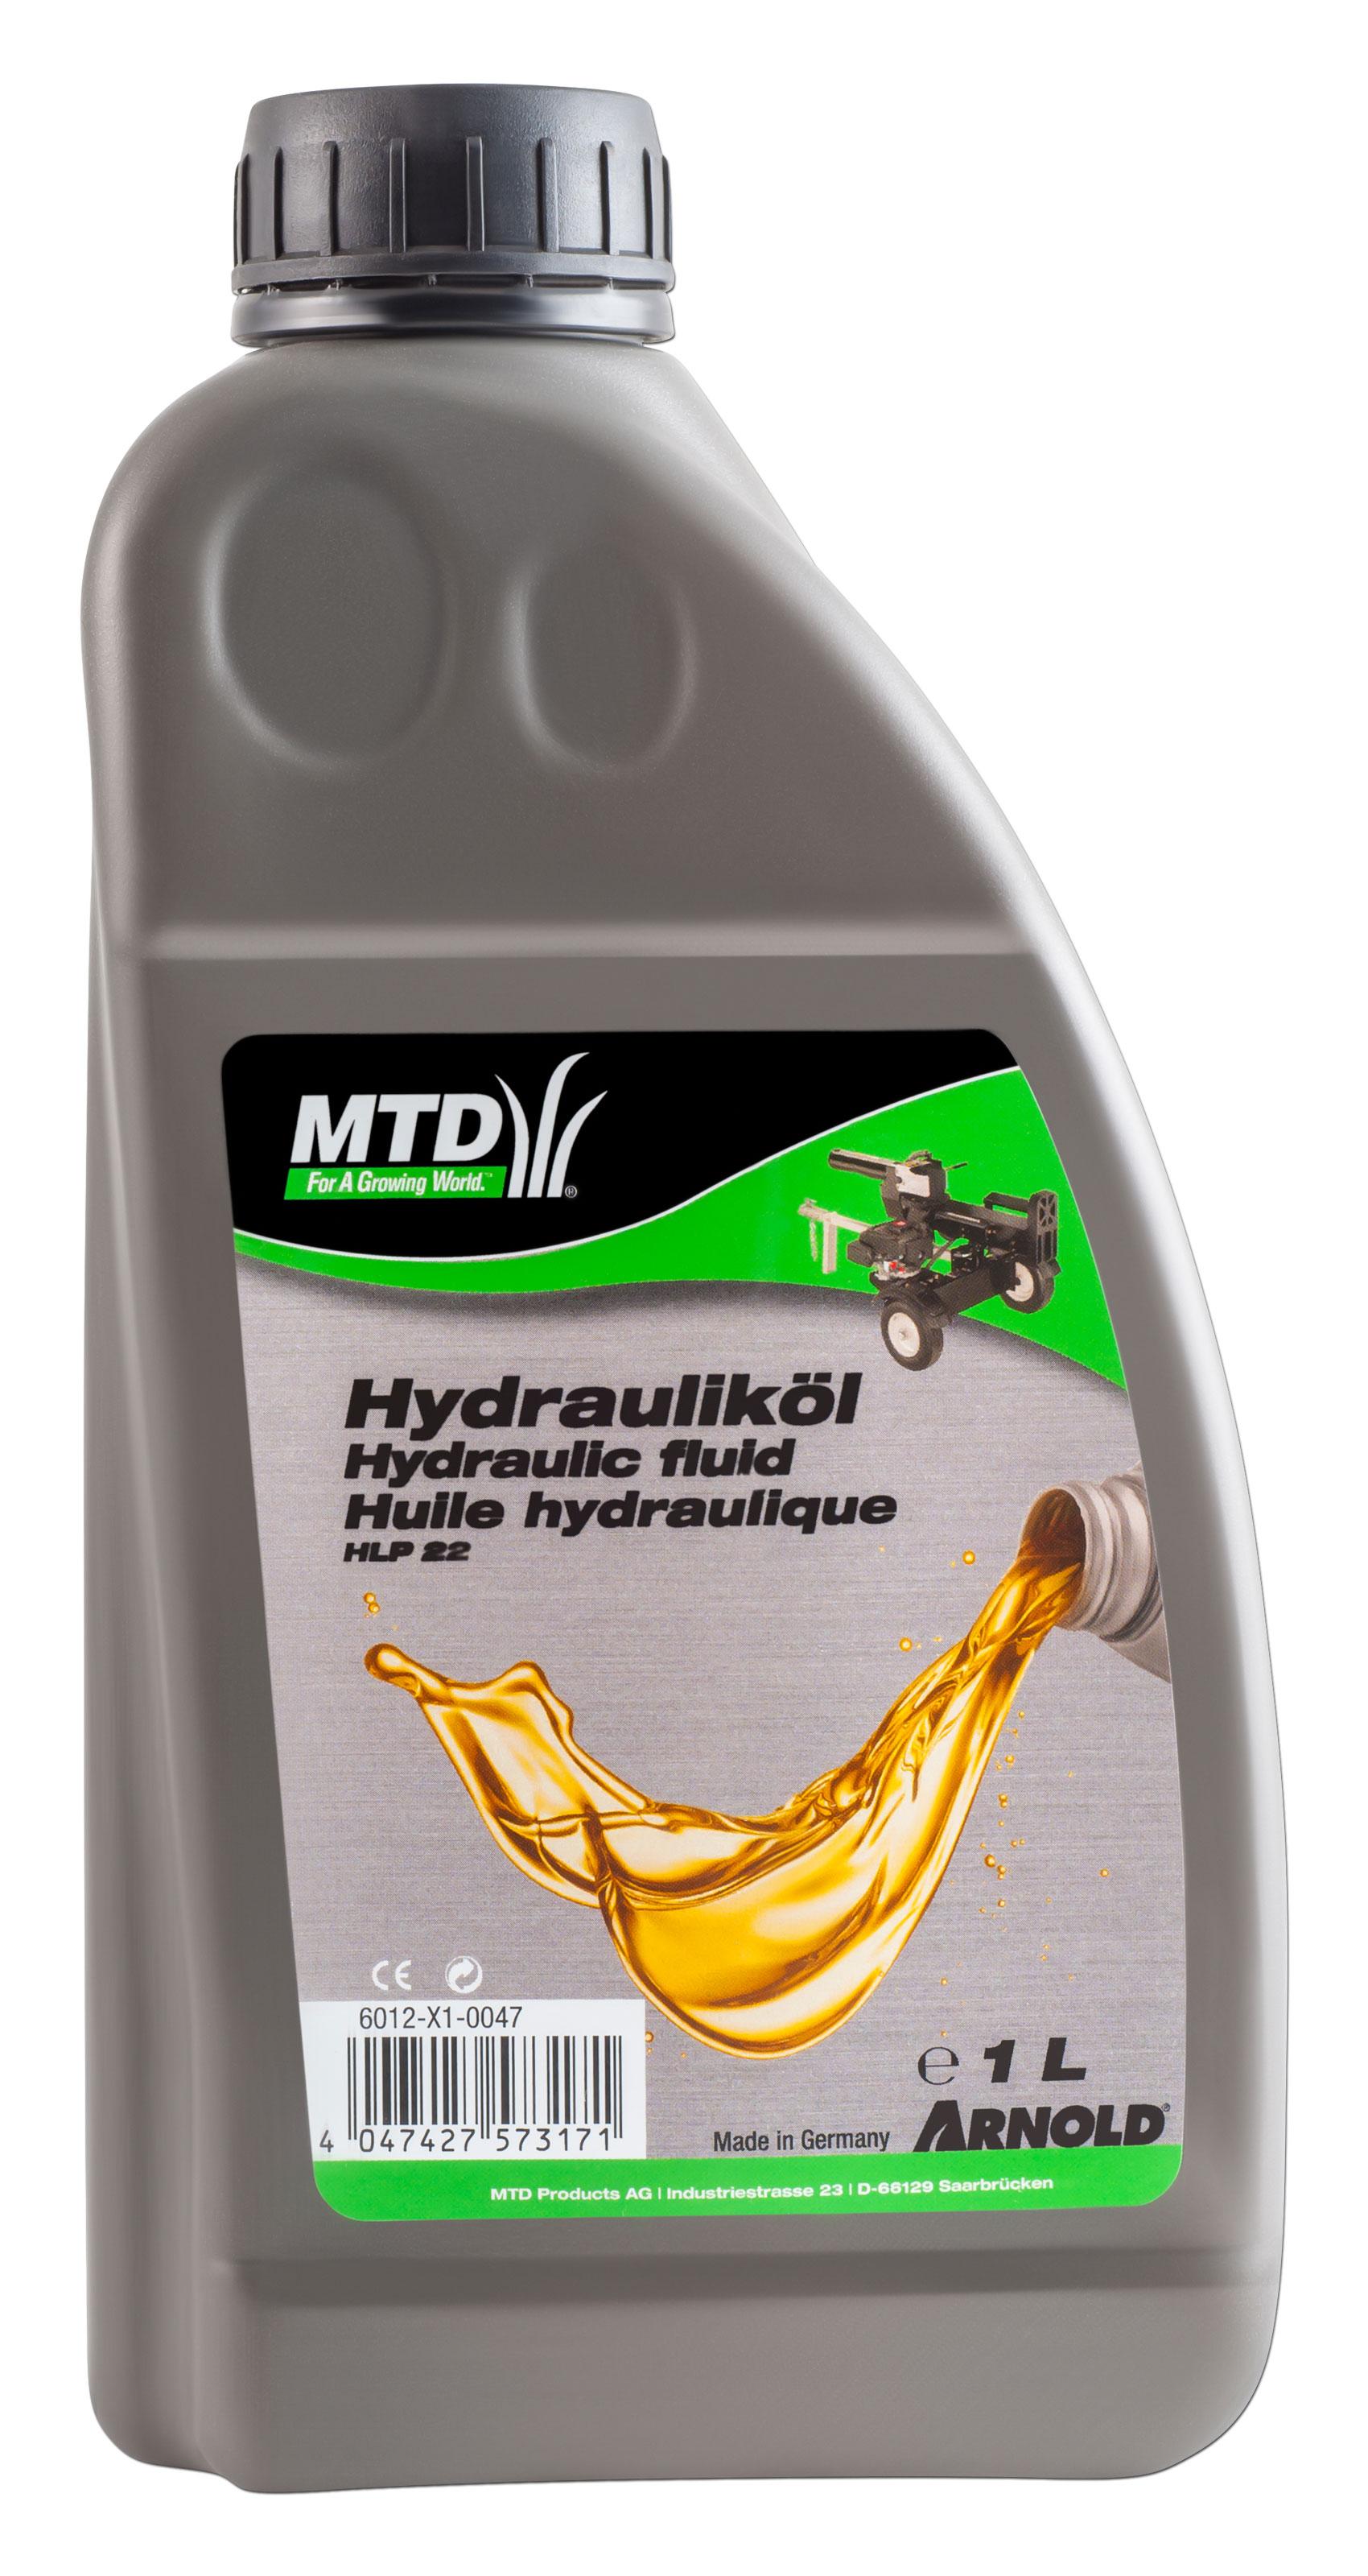 Arnold Hydrauliköl HLP22 für Holzspalter 1 Liter Bild 1